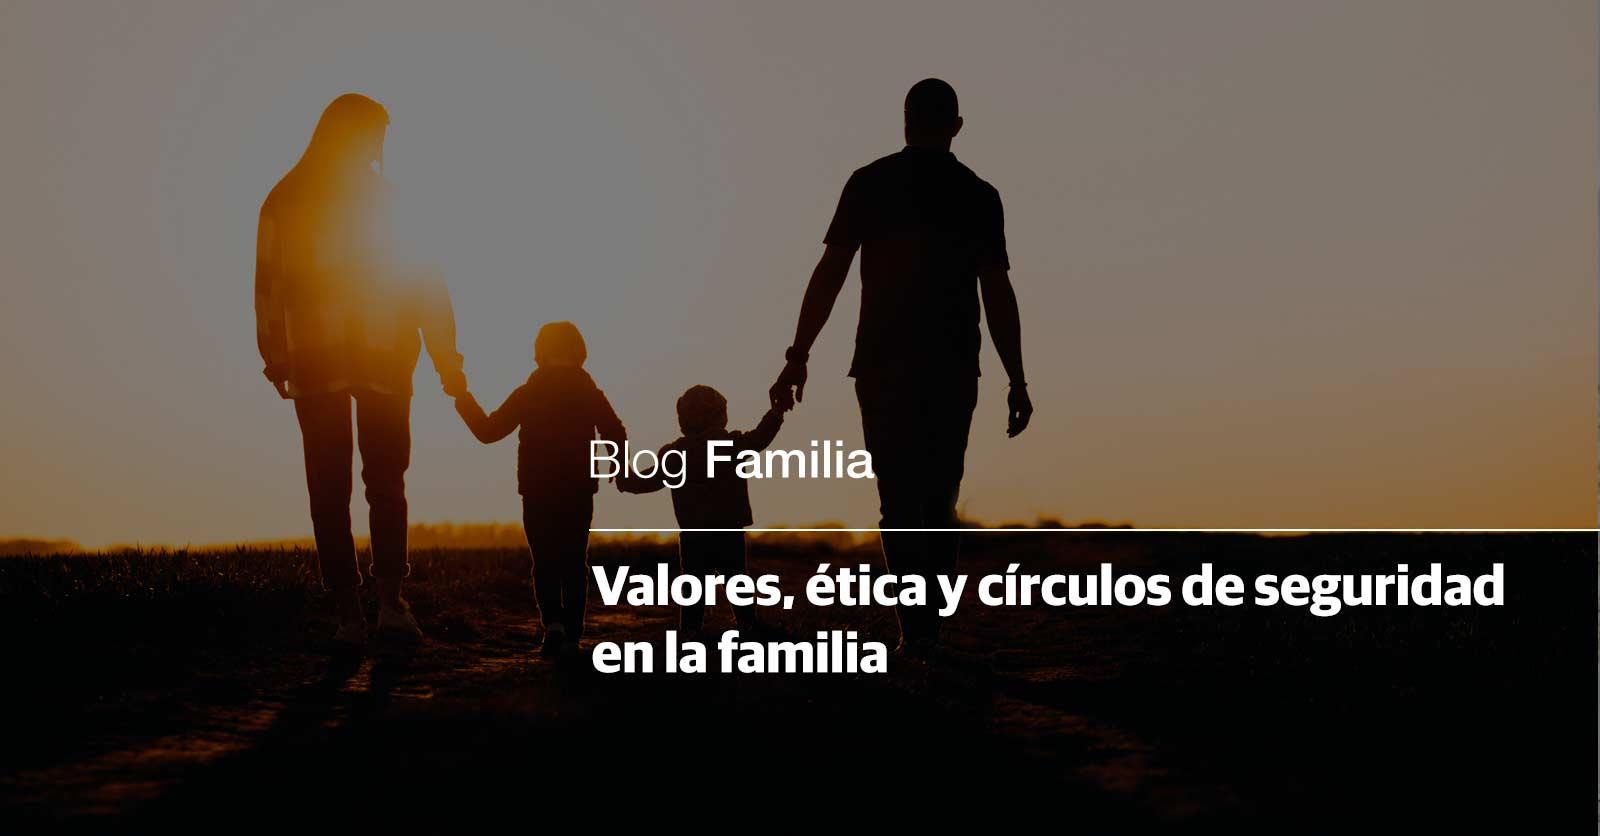 Valores, ética y círculos de seguridad en la familia